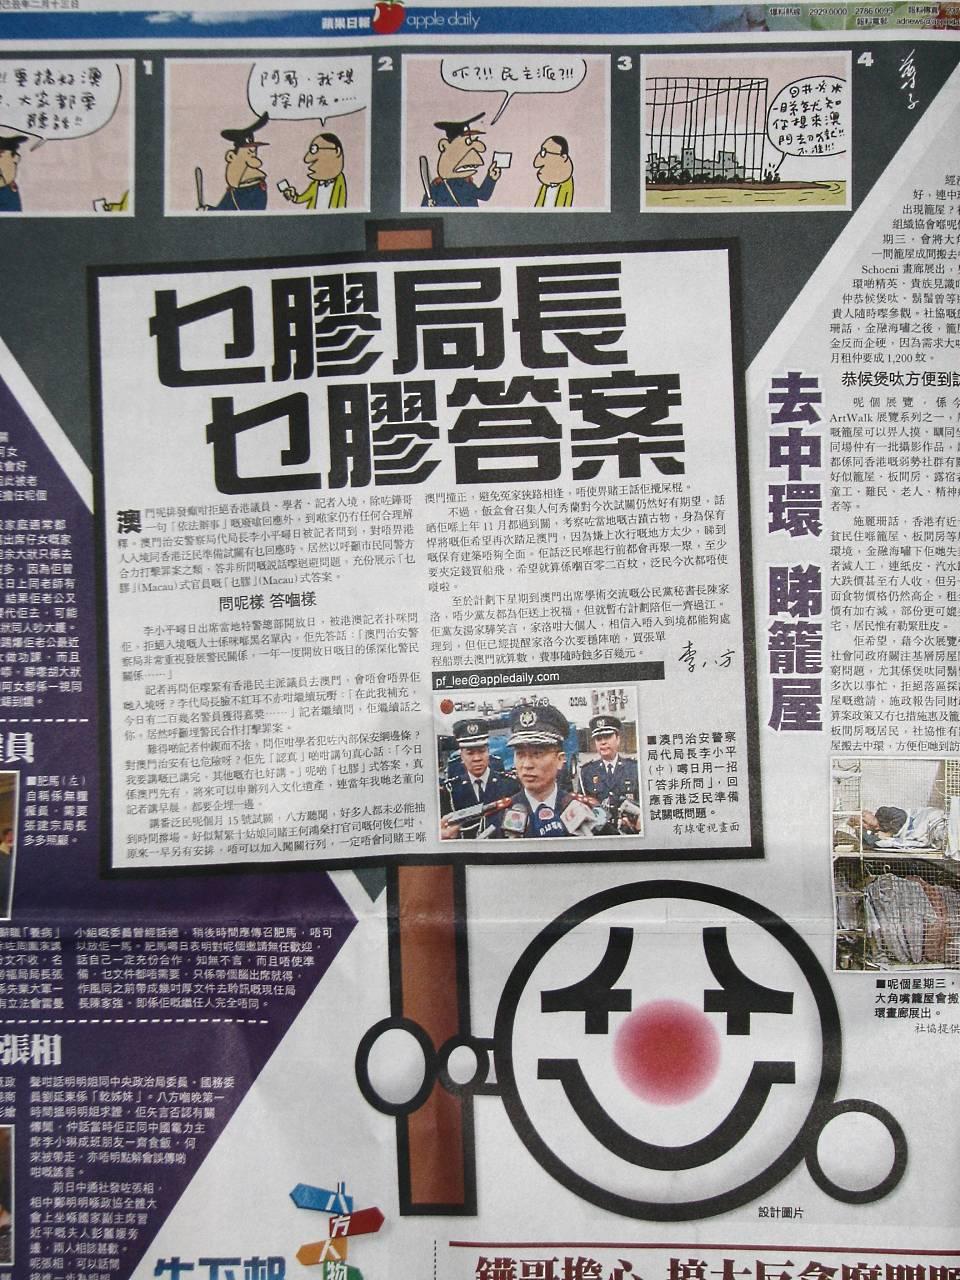 粗口- 香港网络大典- Wikia